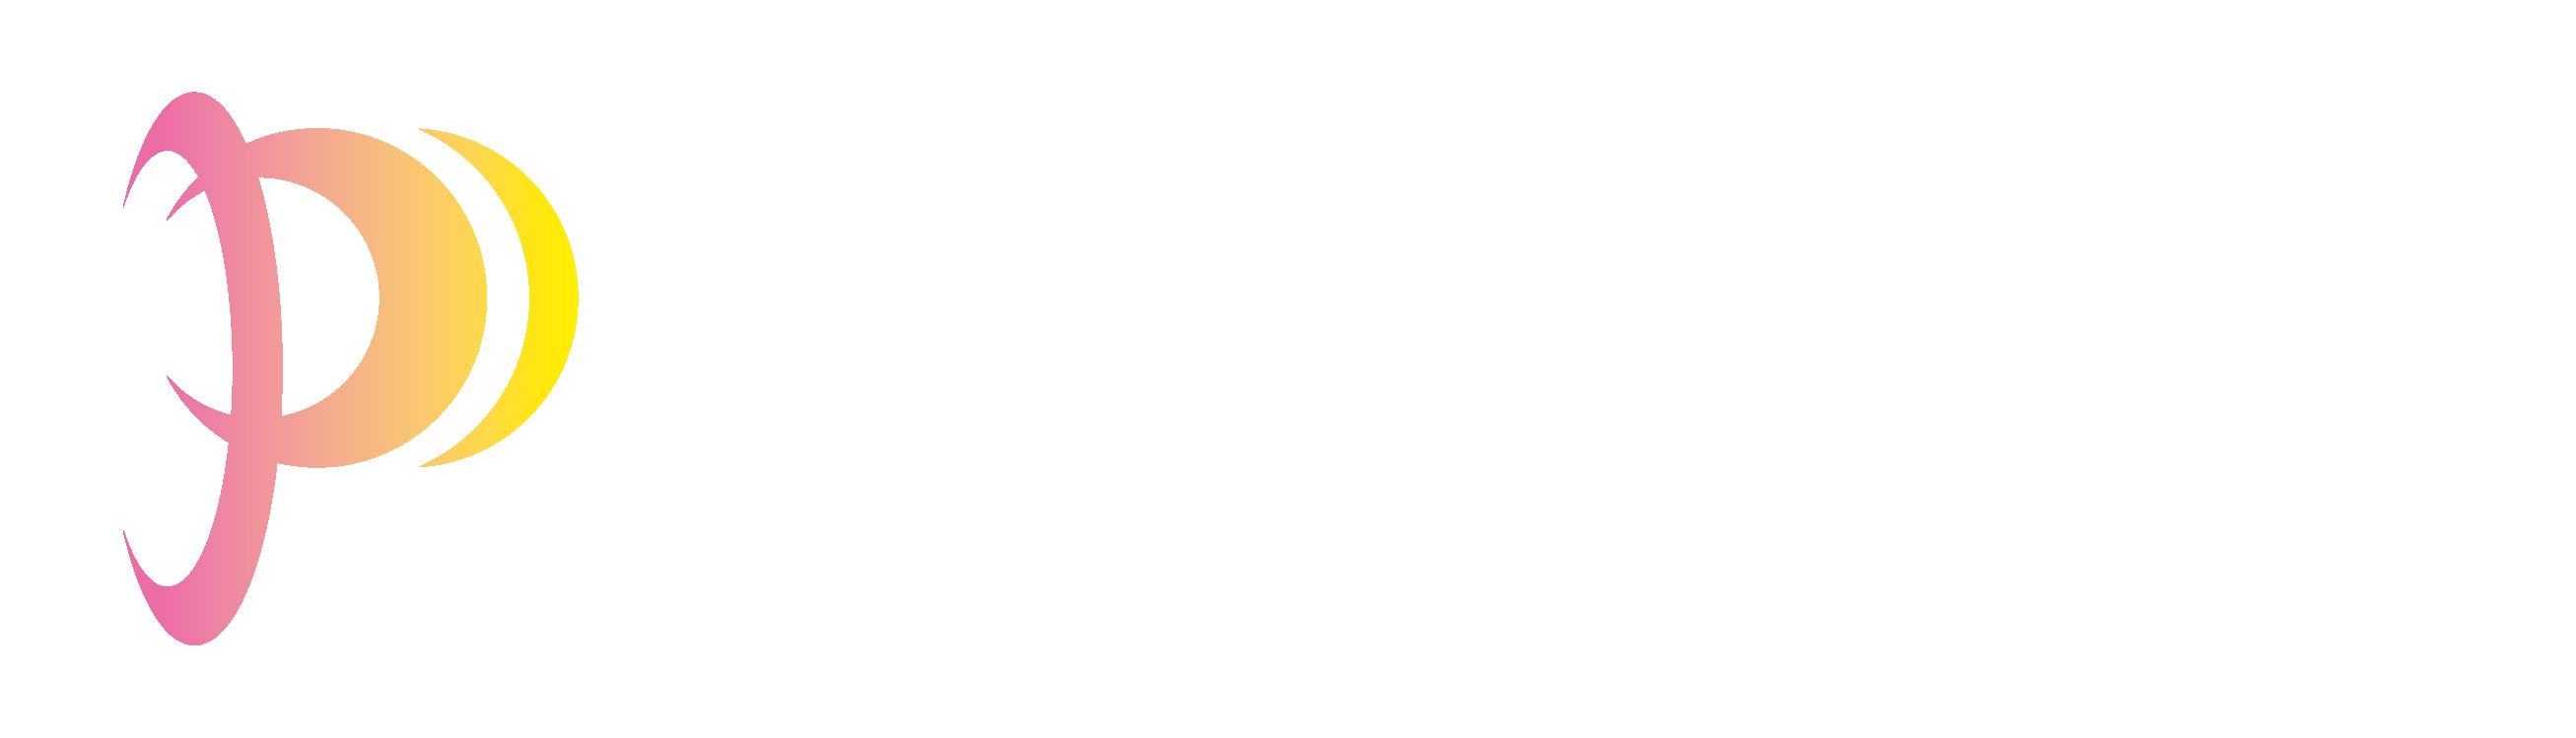 STUDIO Primary